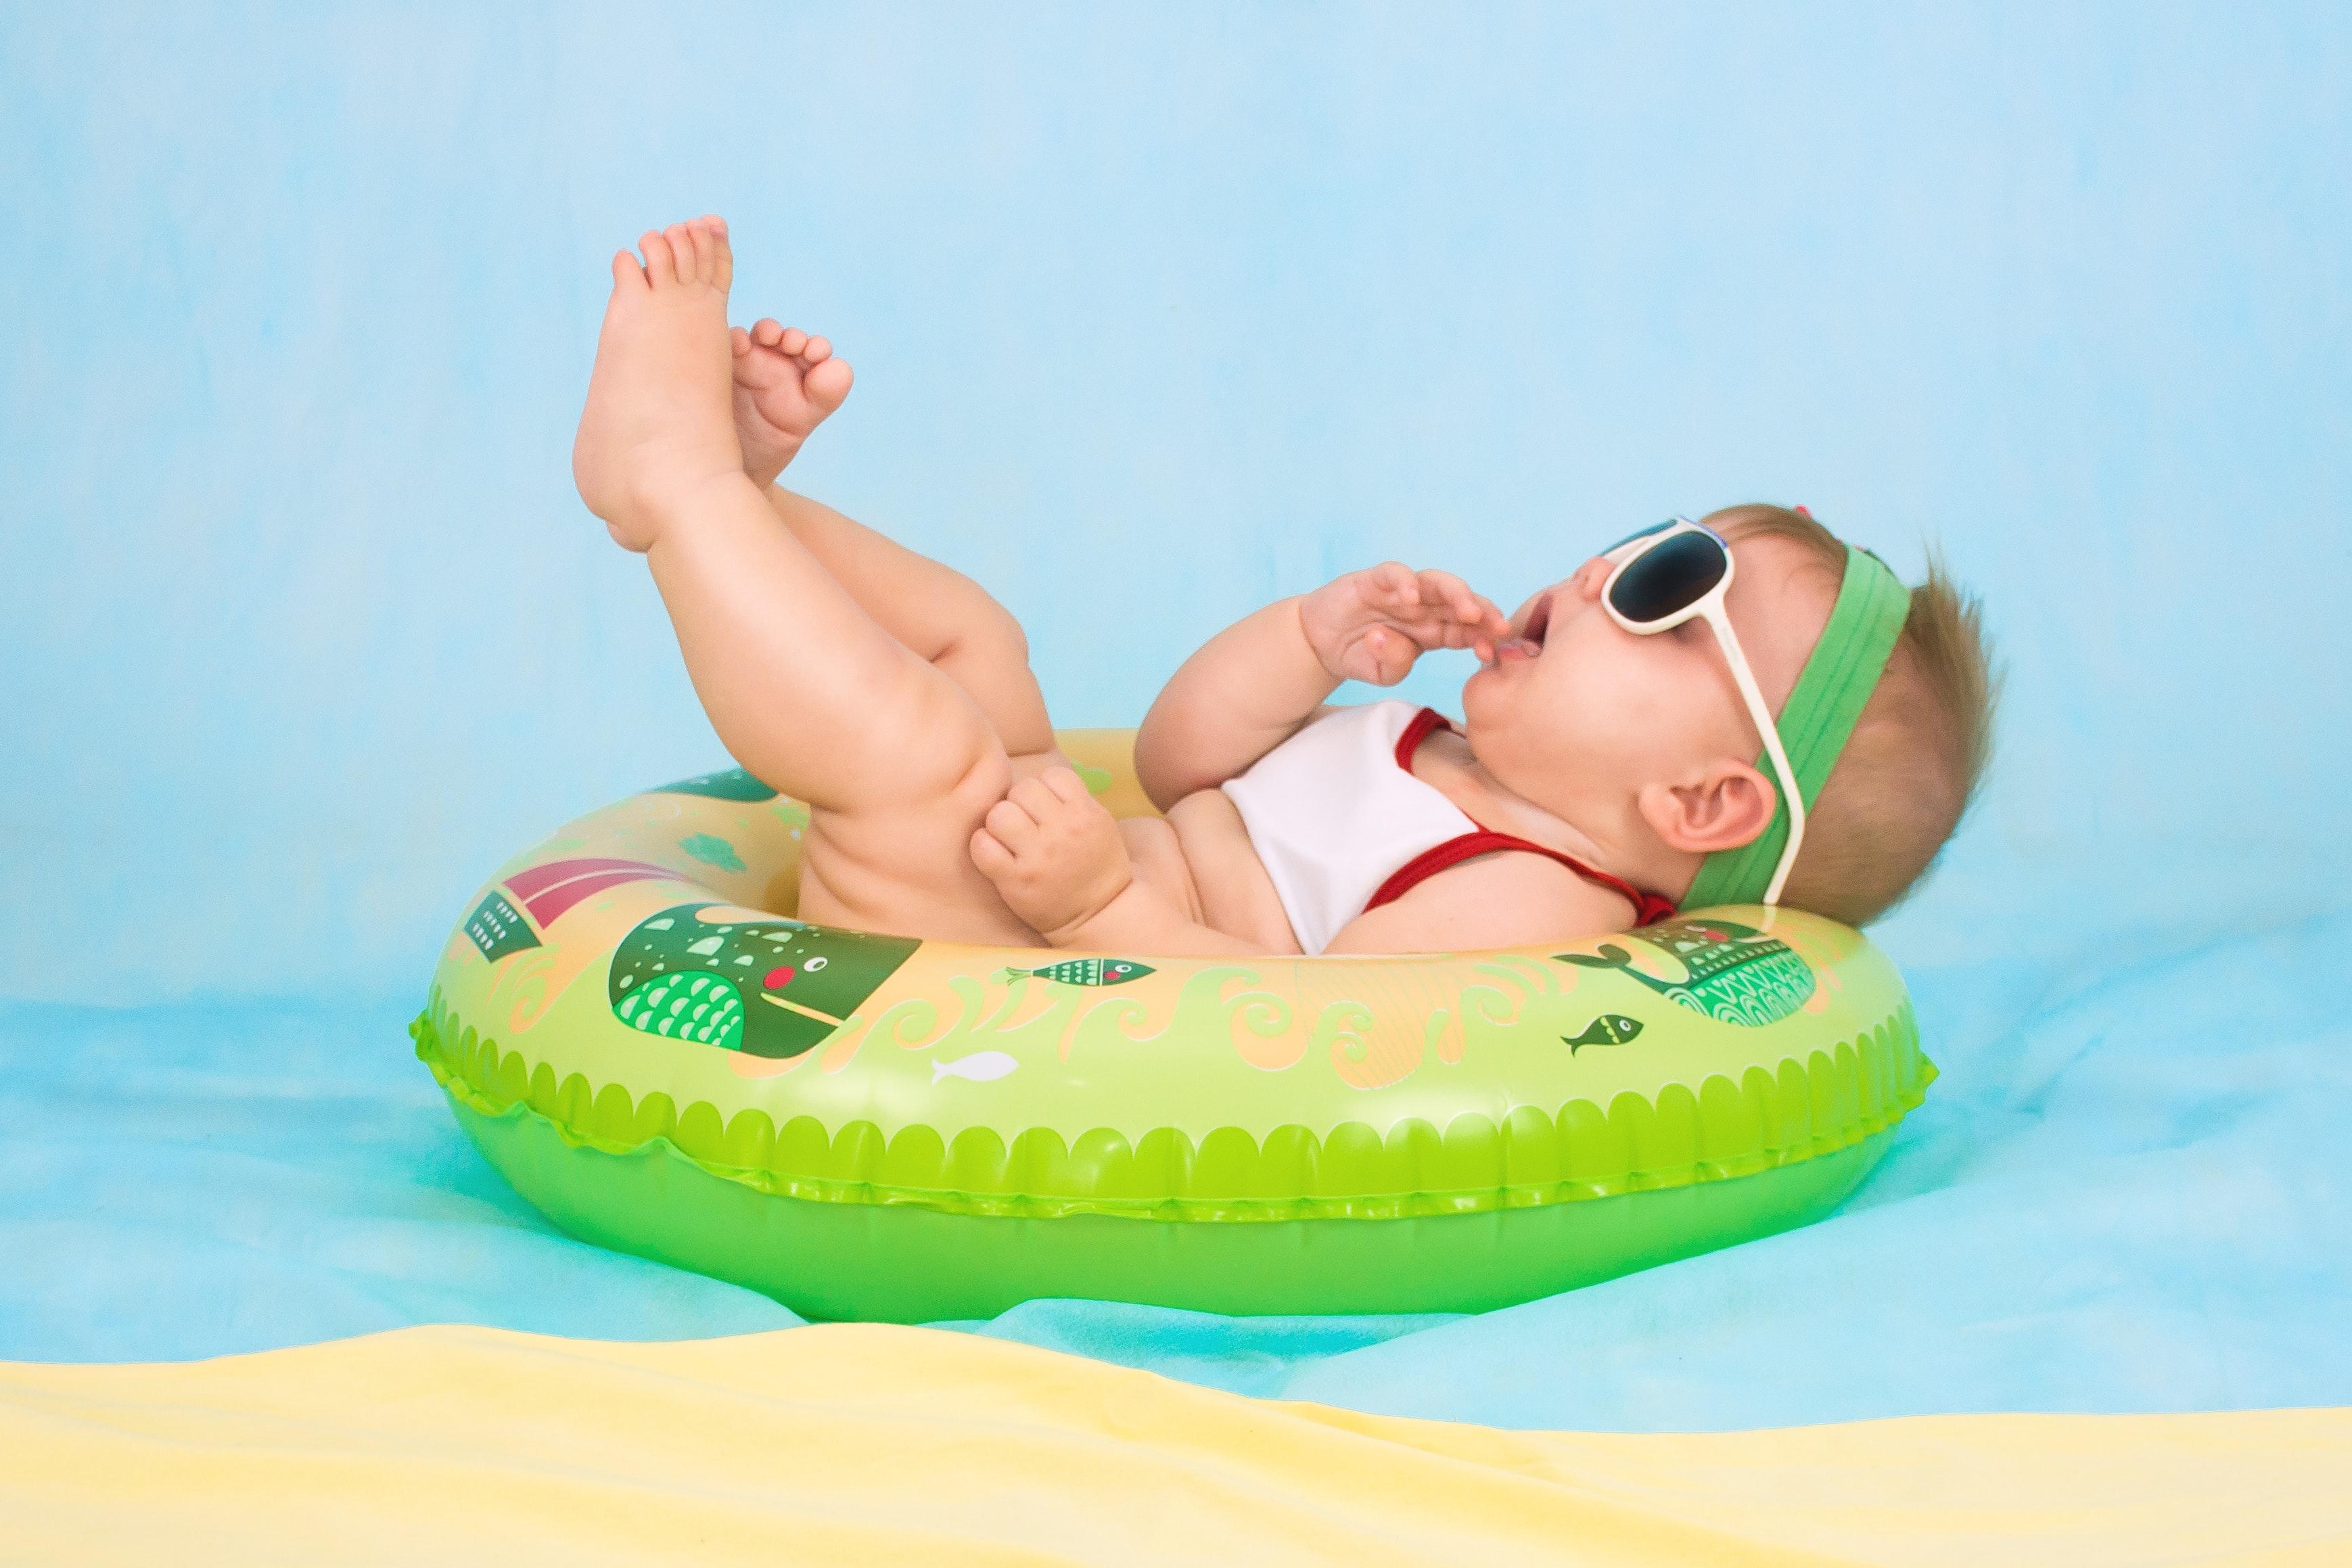 Baby, Beratung, Beikost, Nach der Geburt, Termin, Kurs, Anmeldung